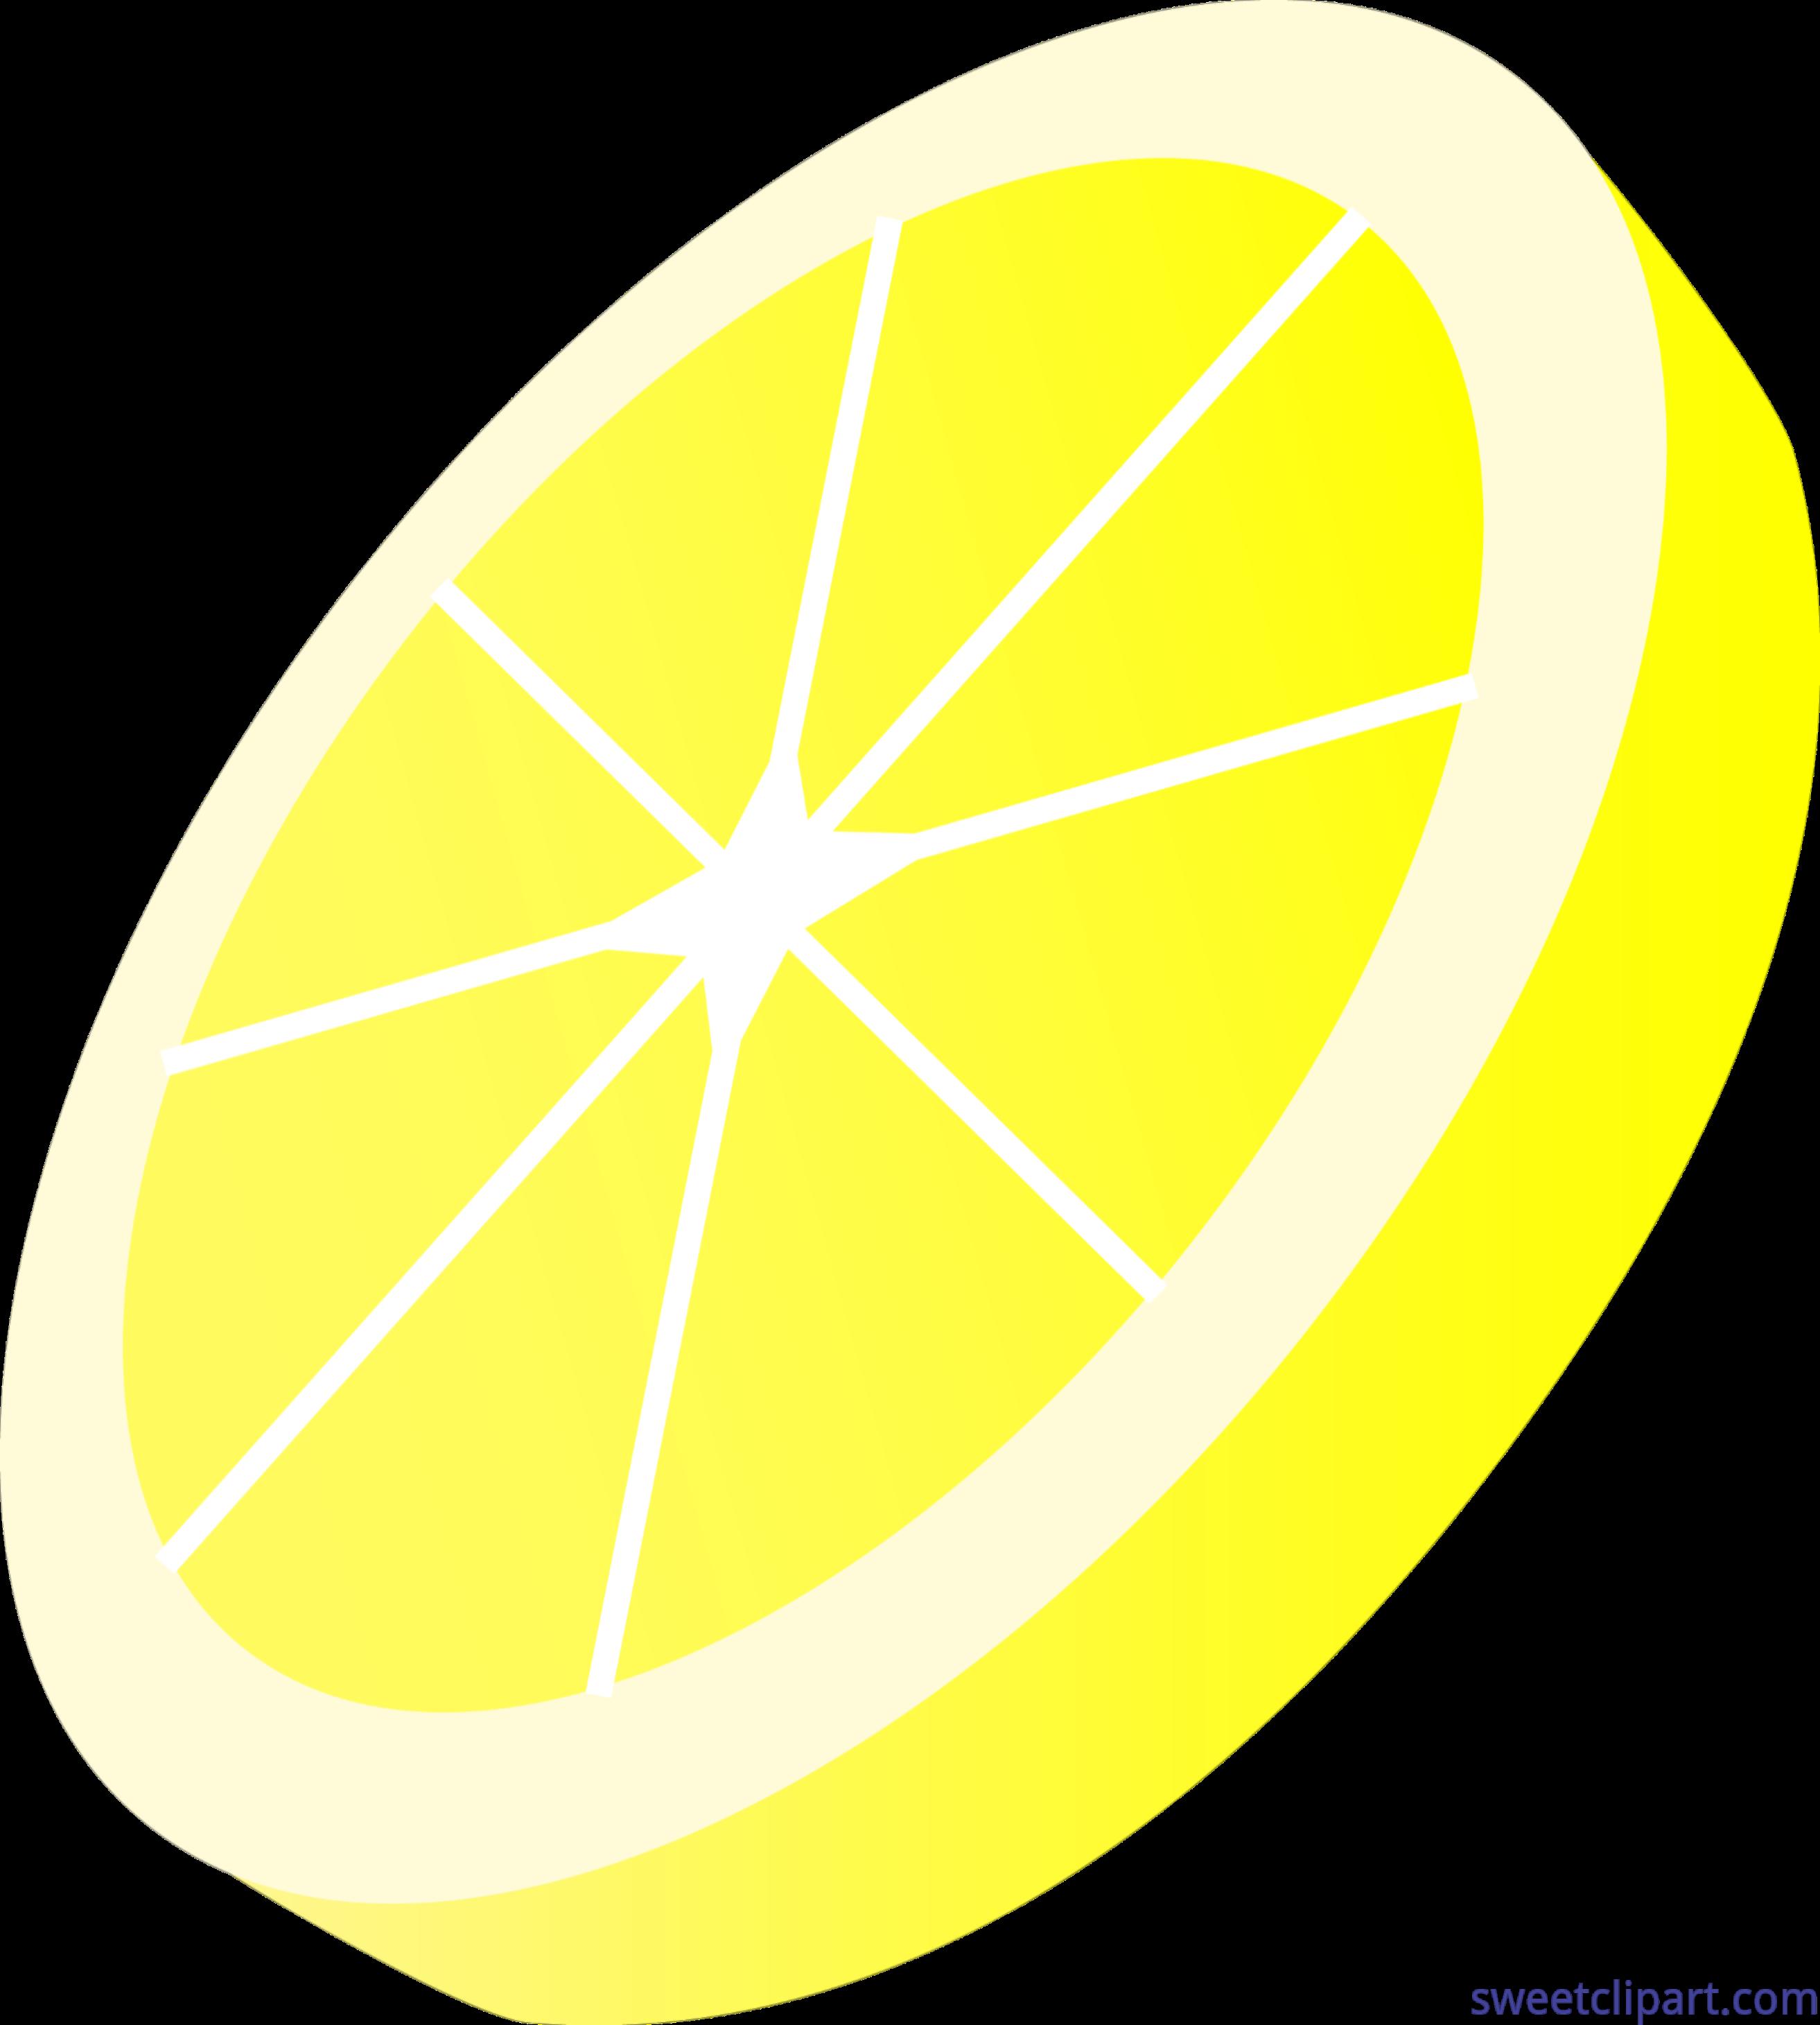 Lemons clipart sliced. Lemon slice clip art